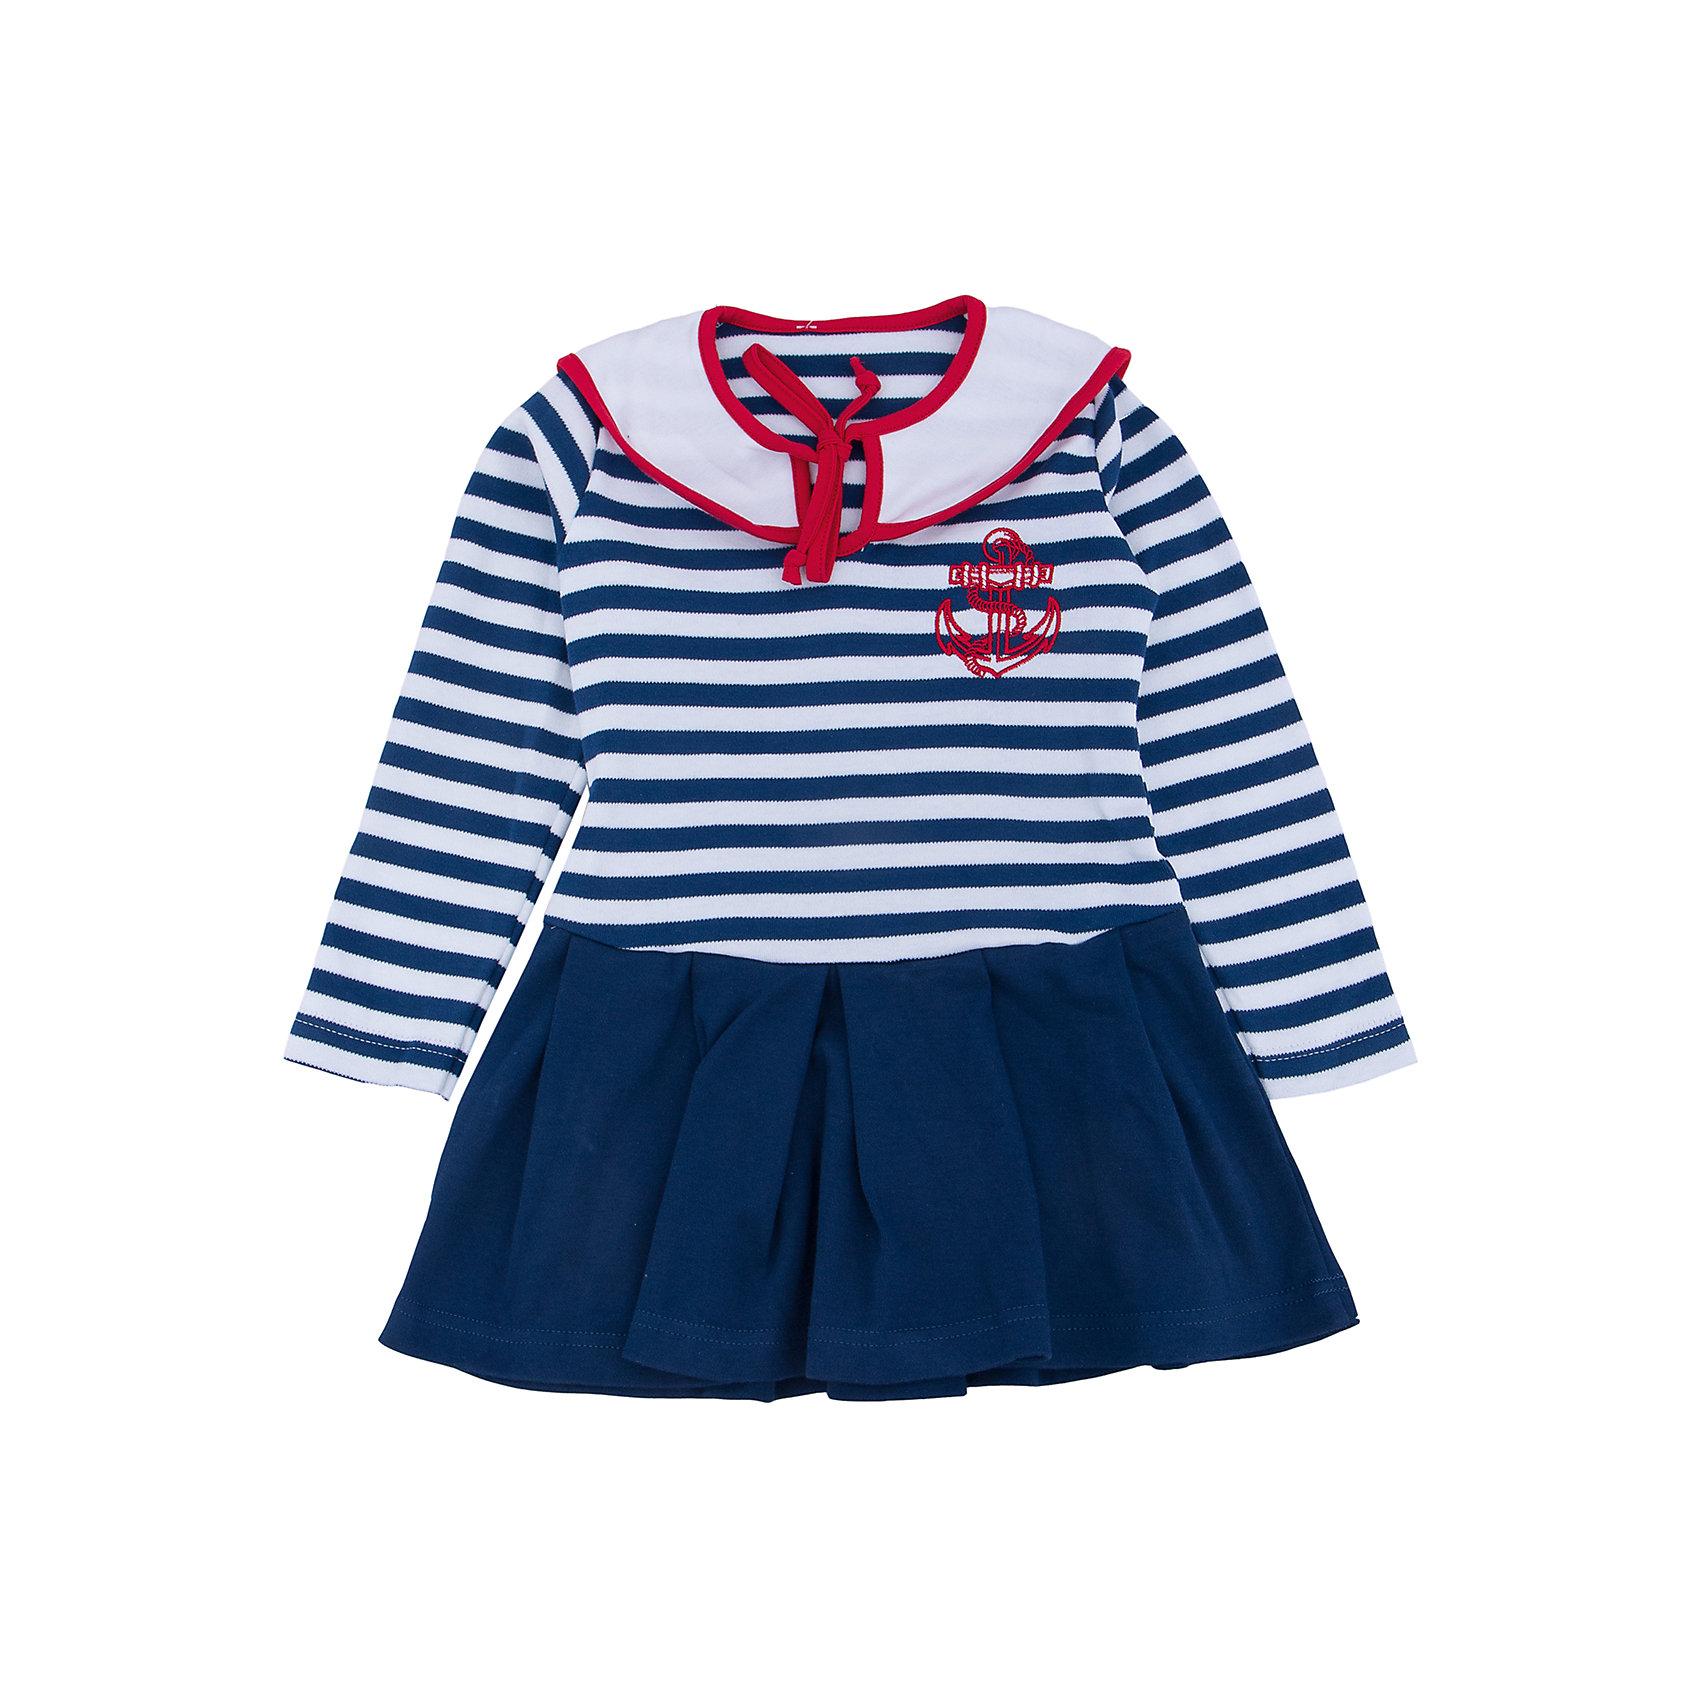 Платье для девочки АпрельПлатья и сарафаны<br>Платье для девочки Апрель.<br><br>Характеристики:<br><br>• 100% хлопок<br>• рукав: длинный<br>• коллекция: Круиз<br>• цвет: синий<br><br><br>Стильное платье Апрель на морскую тематику понравится каждой девочке. Оно изготовлено из качественного хлопка, приятного на ощупь и отлично сидит по фигуре. Необычный дизайн платья включает в себя: подол с оборками, верх в полоску, нагрудник с завязками и вышивка на груди. Платье отлично подойдет и на каждый день, и на костюмированную вечеринку.<br><br>Платье для девочки Апрель вы можете купить в нашем интернет-магазине.<br><br>Ширина мм: 236<br>Глубина мм: 16<br>Высота мм: 184<br>Вес г: 177<br>Цвет: синий<br>Возраст от месяцев: 18<br>Возраст до месяцев: 24<br>Пол: Женский<br>Возраст: Детский<br>Размер: 92,98,104,110,116<br>SKU: 5006864